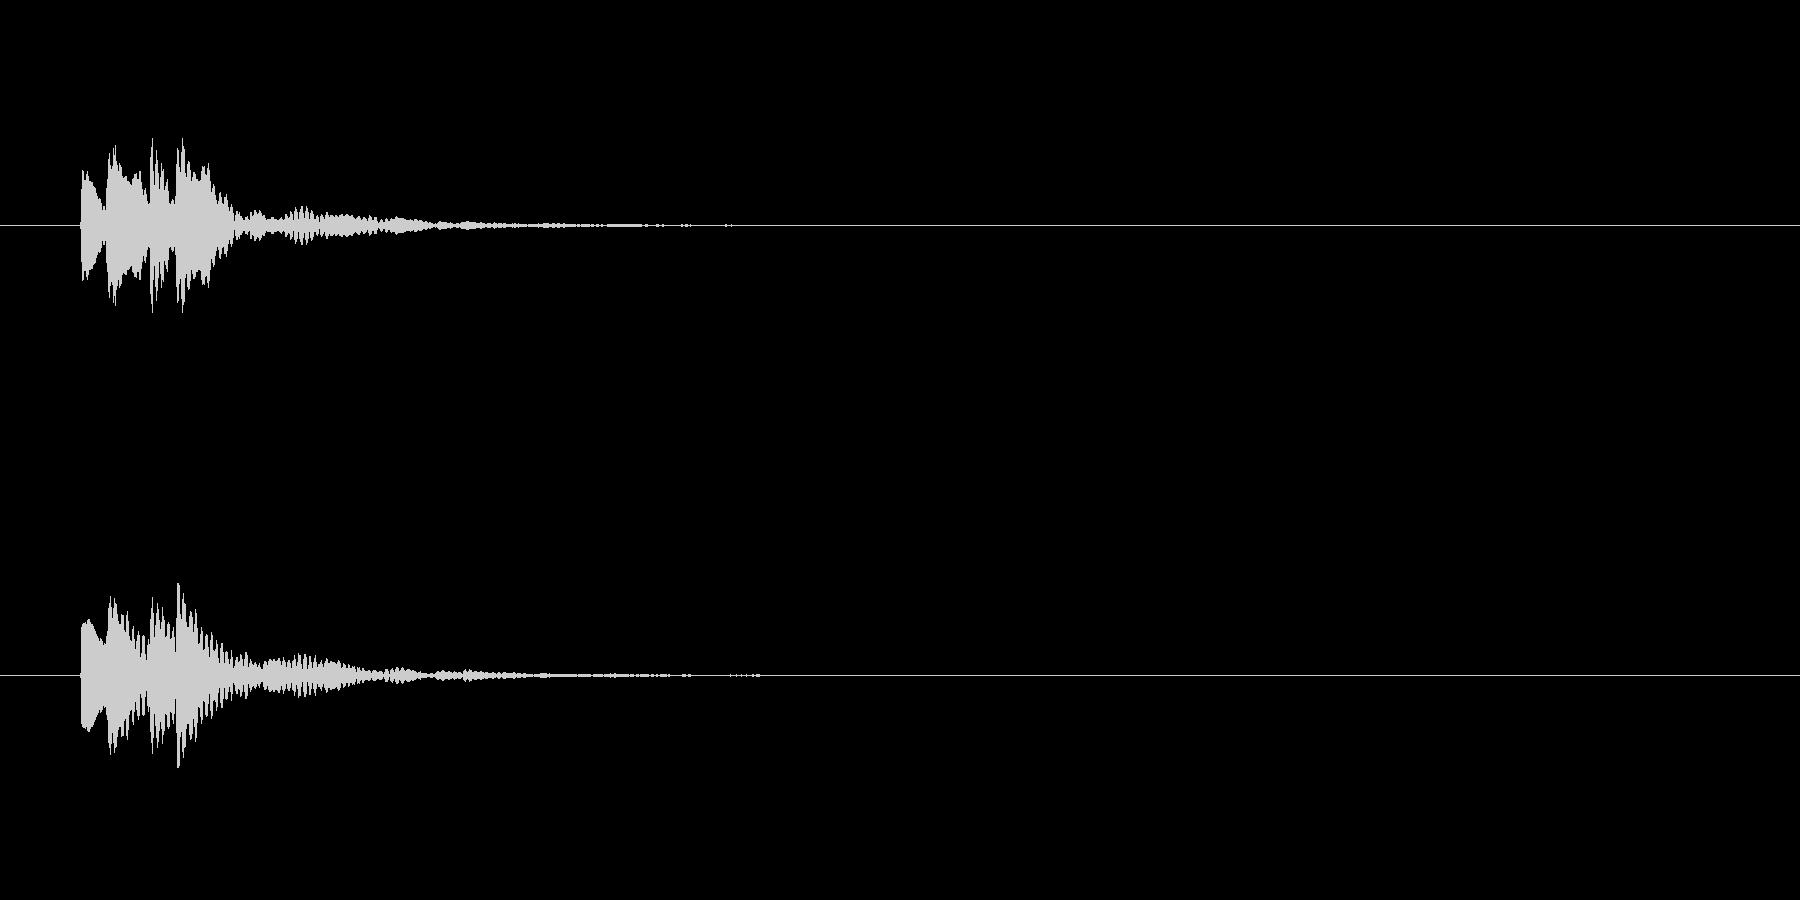 エラーなどのポップアップ時の音の未再生の波形